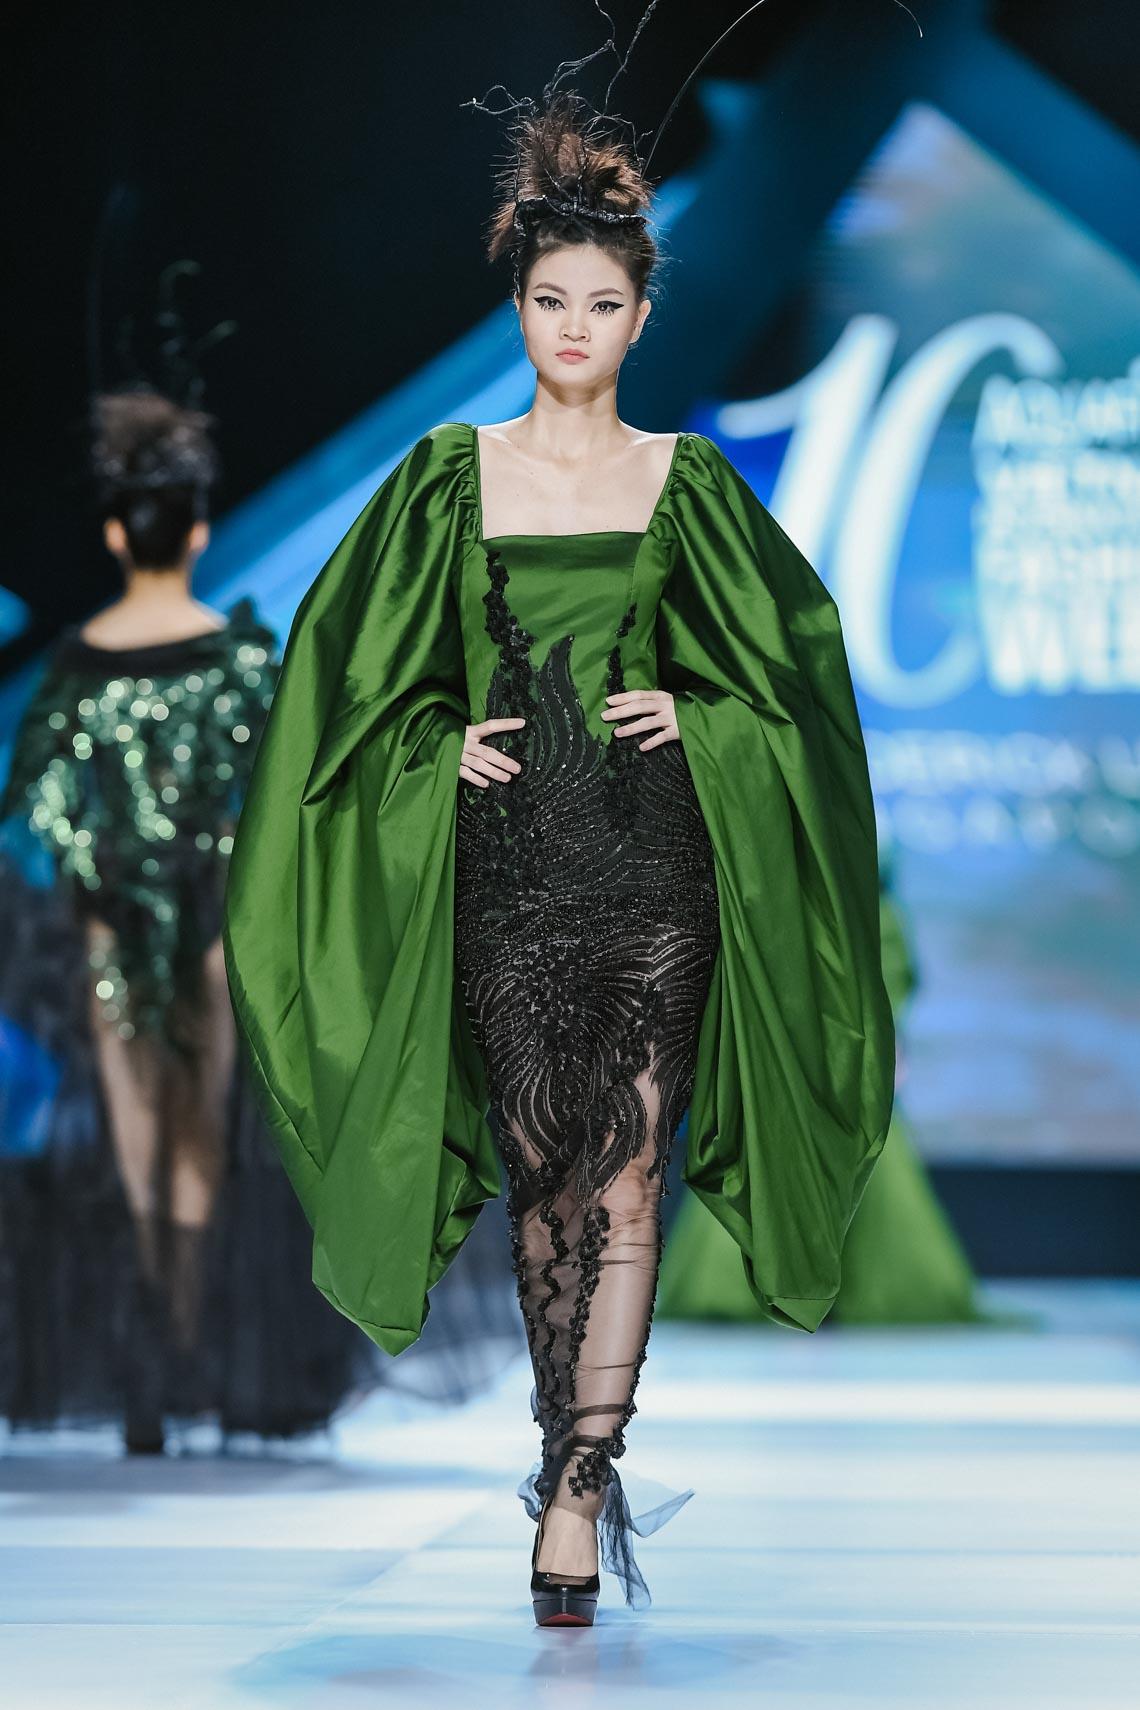 Siêu mẫu Thanh Hằng trong BST mới nhất của Frederick Lee trên sàn diễn Tuần lễ Thời trang Quốc tế Việt Nam Thu Đông 2019 - 9